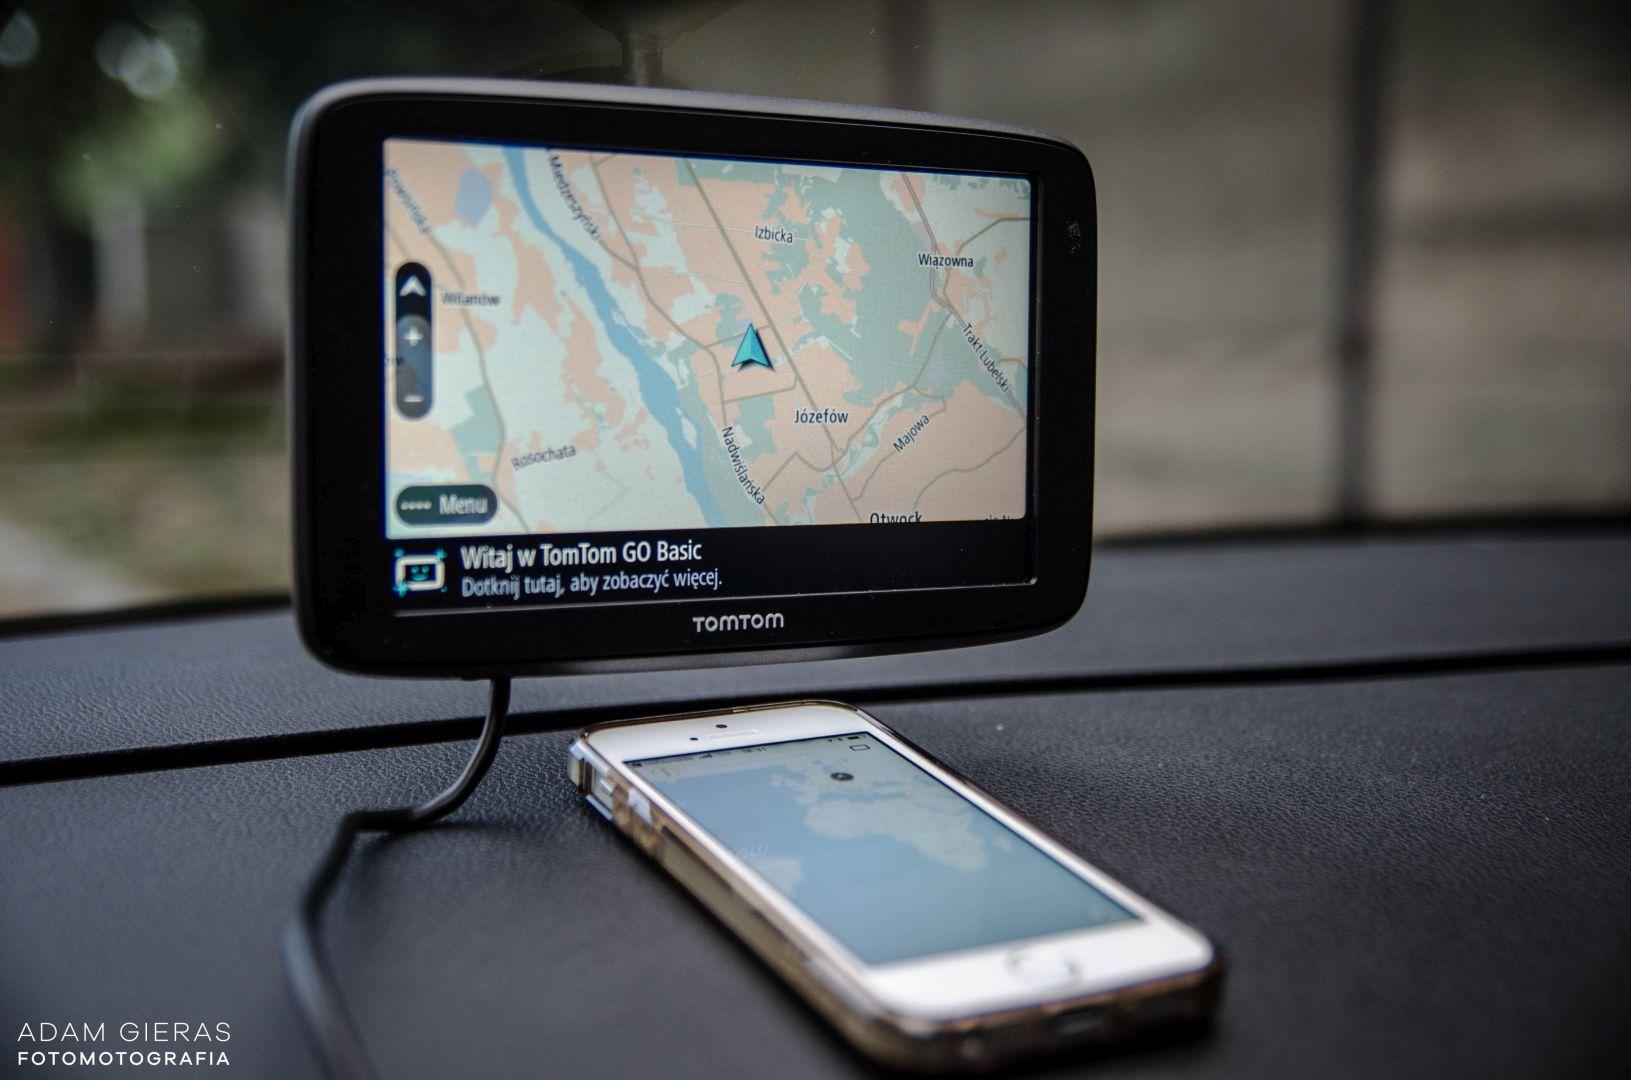 tomtom 6 Test: TomTom GO Basic: prosto, czytelnie, do celu